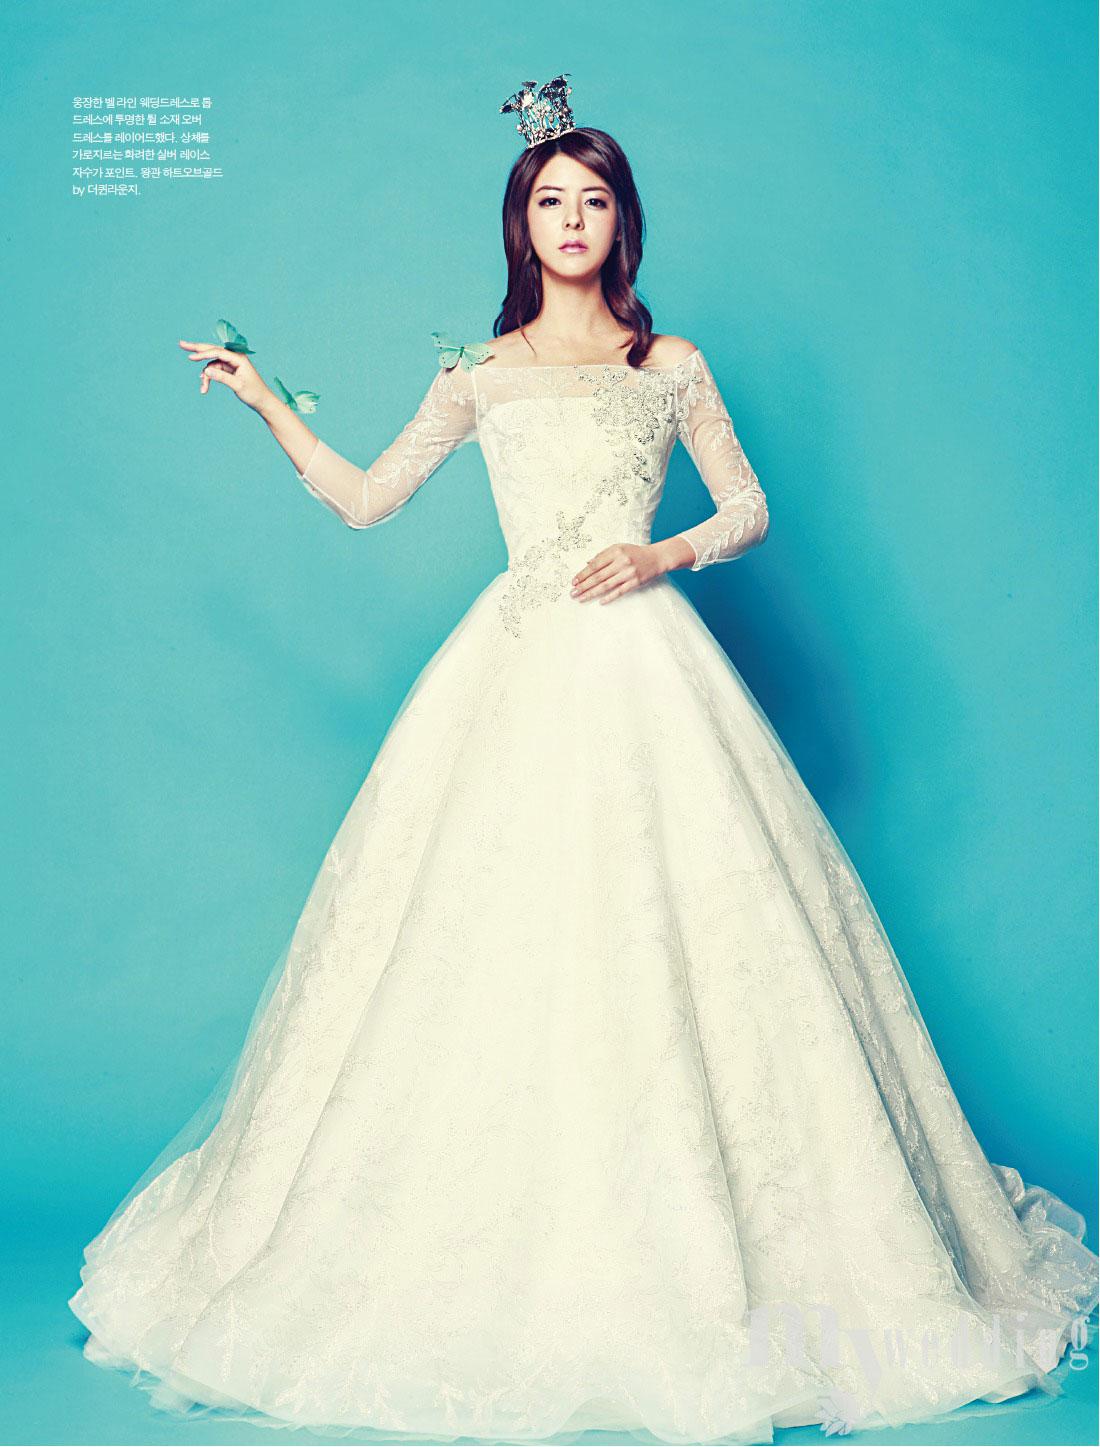 mina fujii my wedding korea hd wedding magazines Mina Fujii My Wedding Korean Magazine